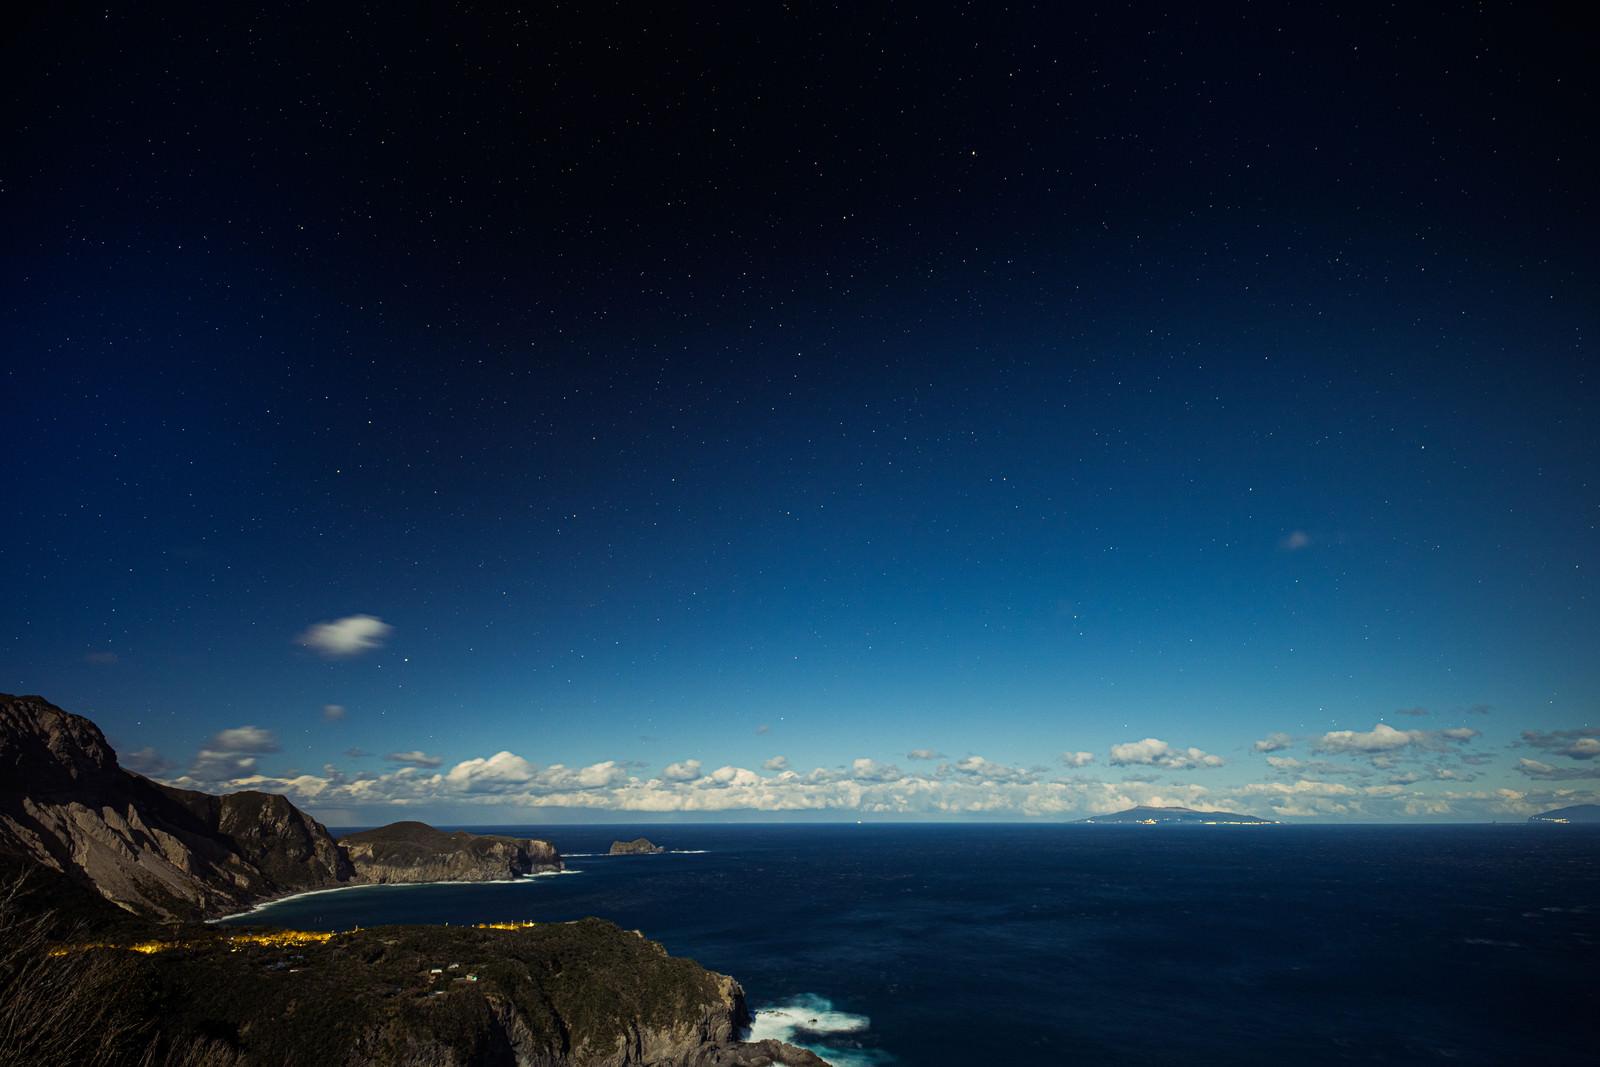 神津島三浦展望台から撮影した多幸湾の夜景のフリー素材